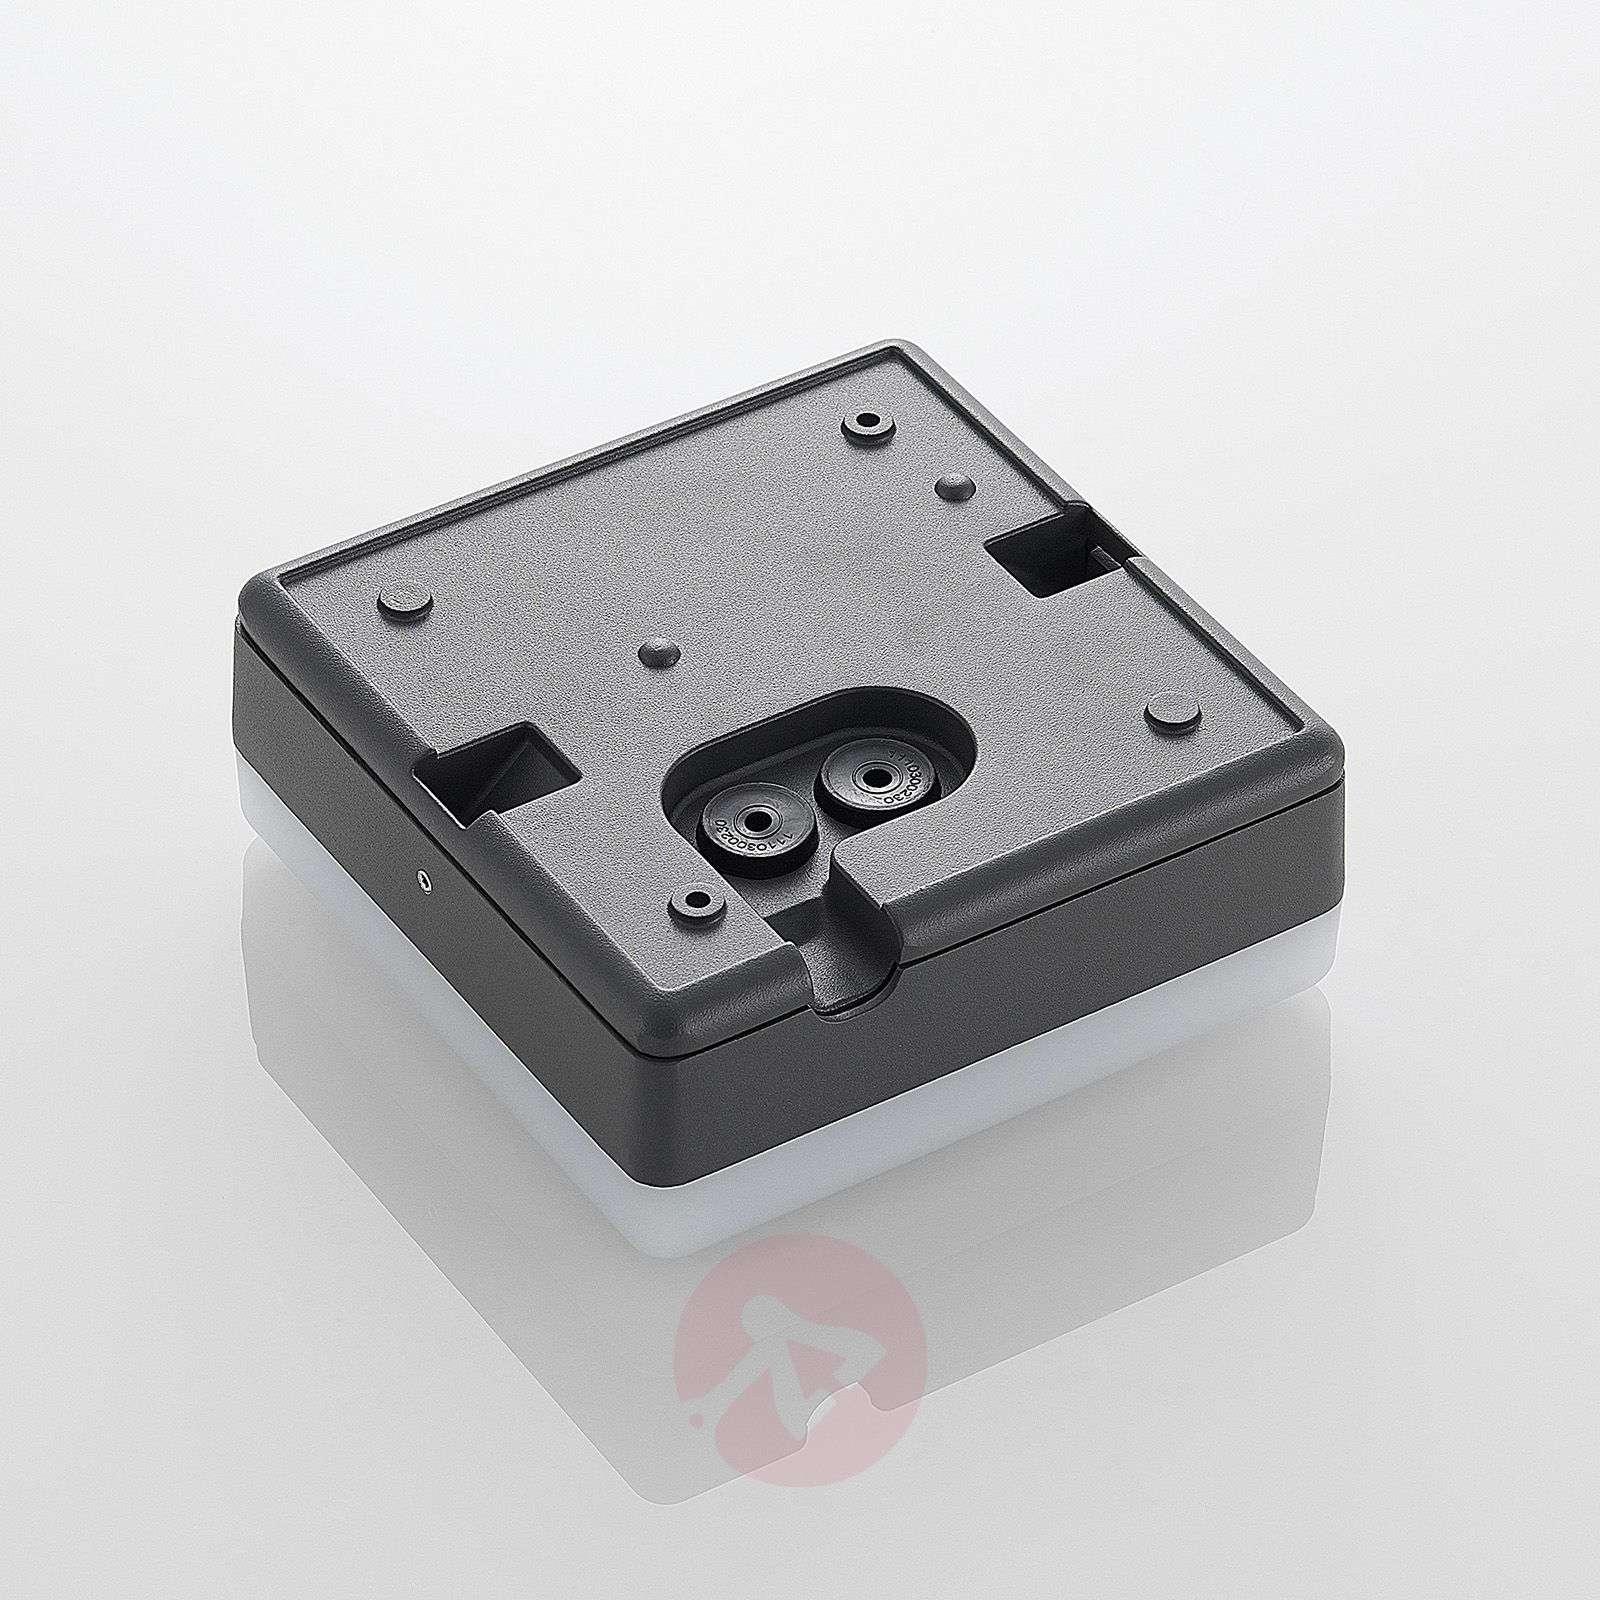 LED-kattovalaisin Thilo, harmaa, 16 cm, sensori TL-9969090-02